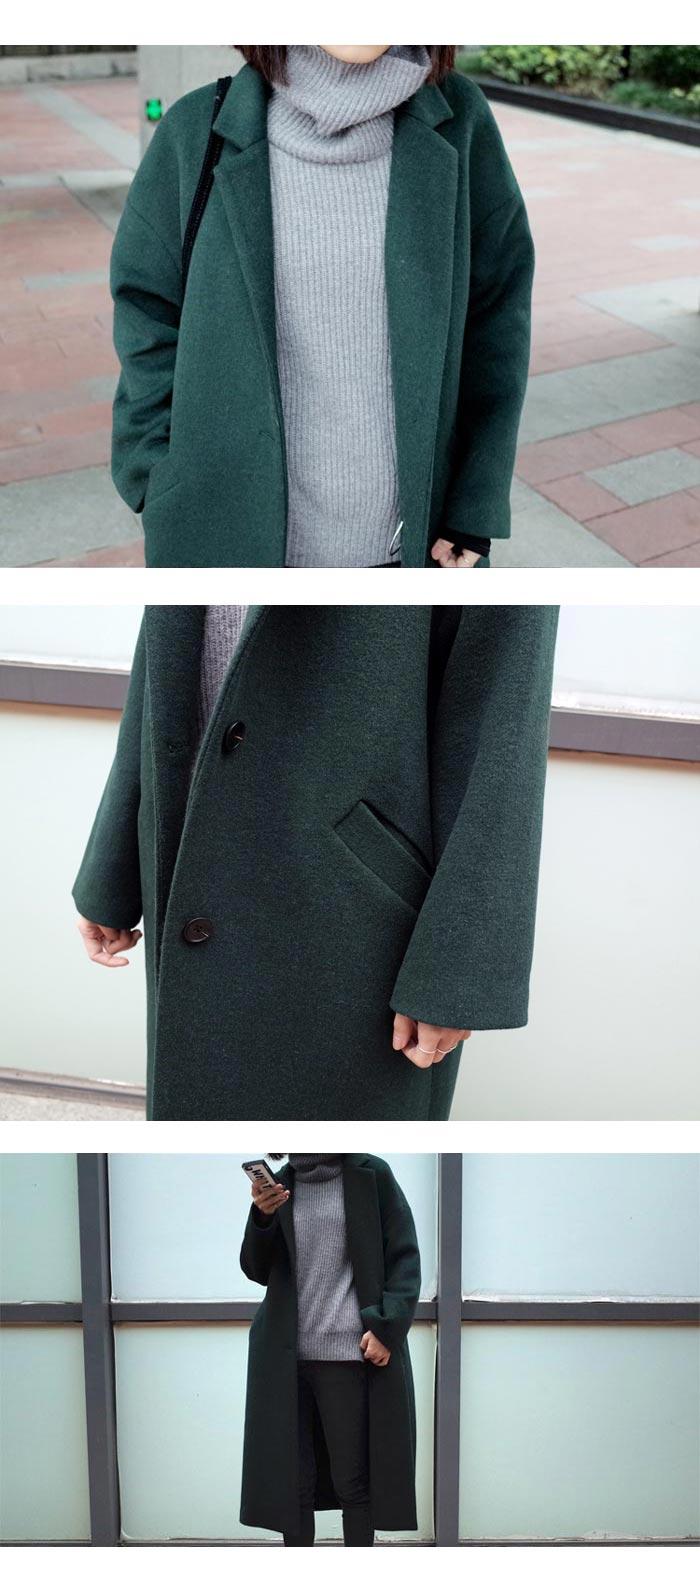 เสื้อโค้ทกันหนาวผู้หญิง สีเขียวเข้ม ยาวคลุมเข่า ผ้าวูลเลิน ใส่เที่ยวรับลมเย็น ต่างประเทศ